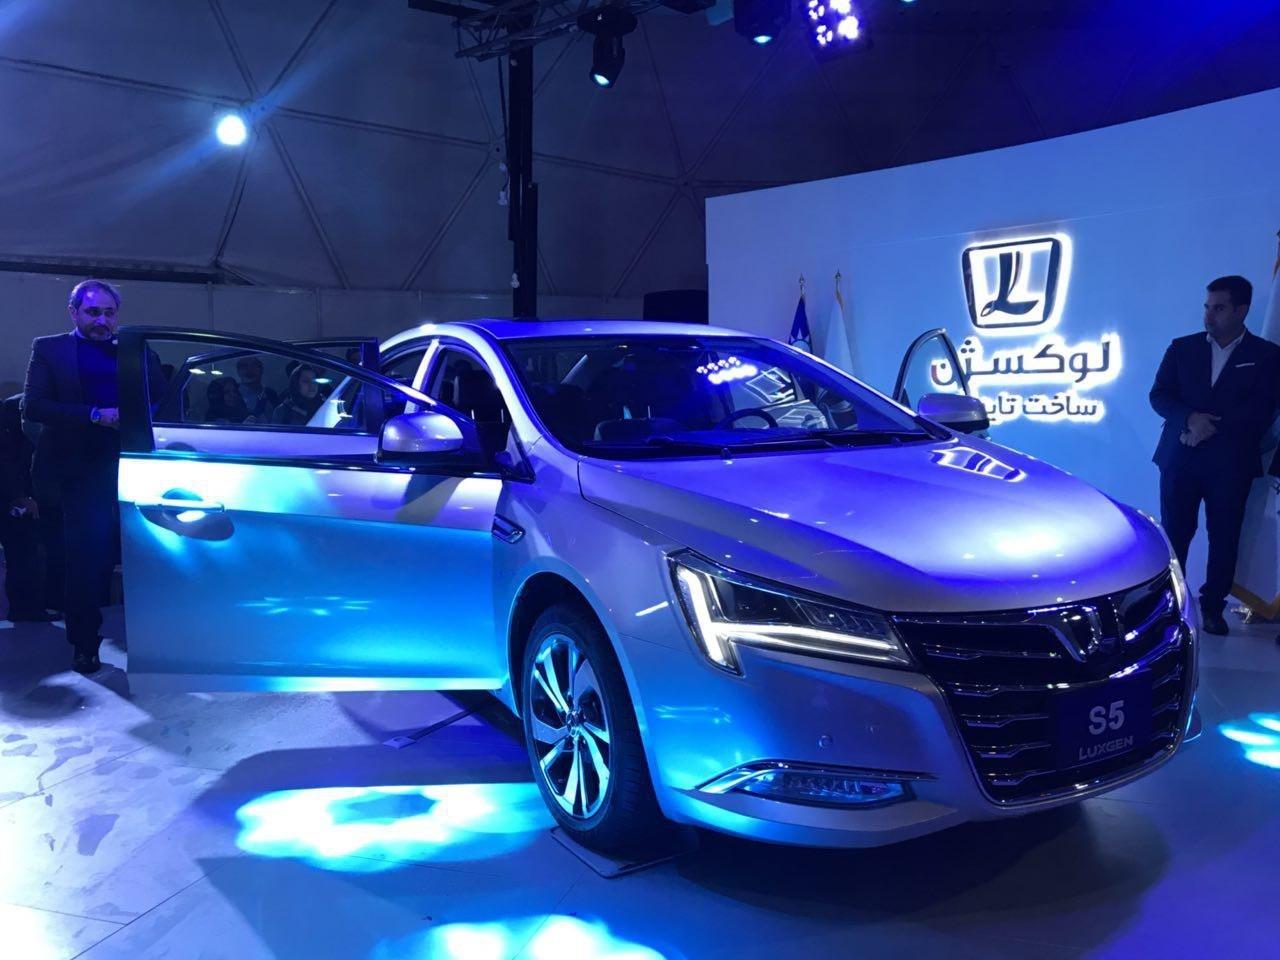 خودرو تایوانی ۱۵۰ میلیون تومانی به بازار میآید